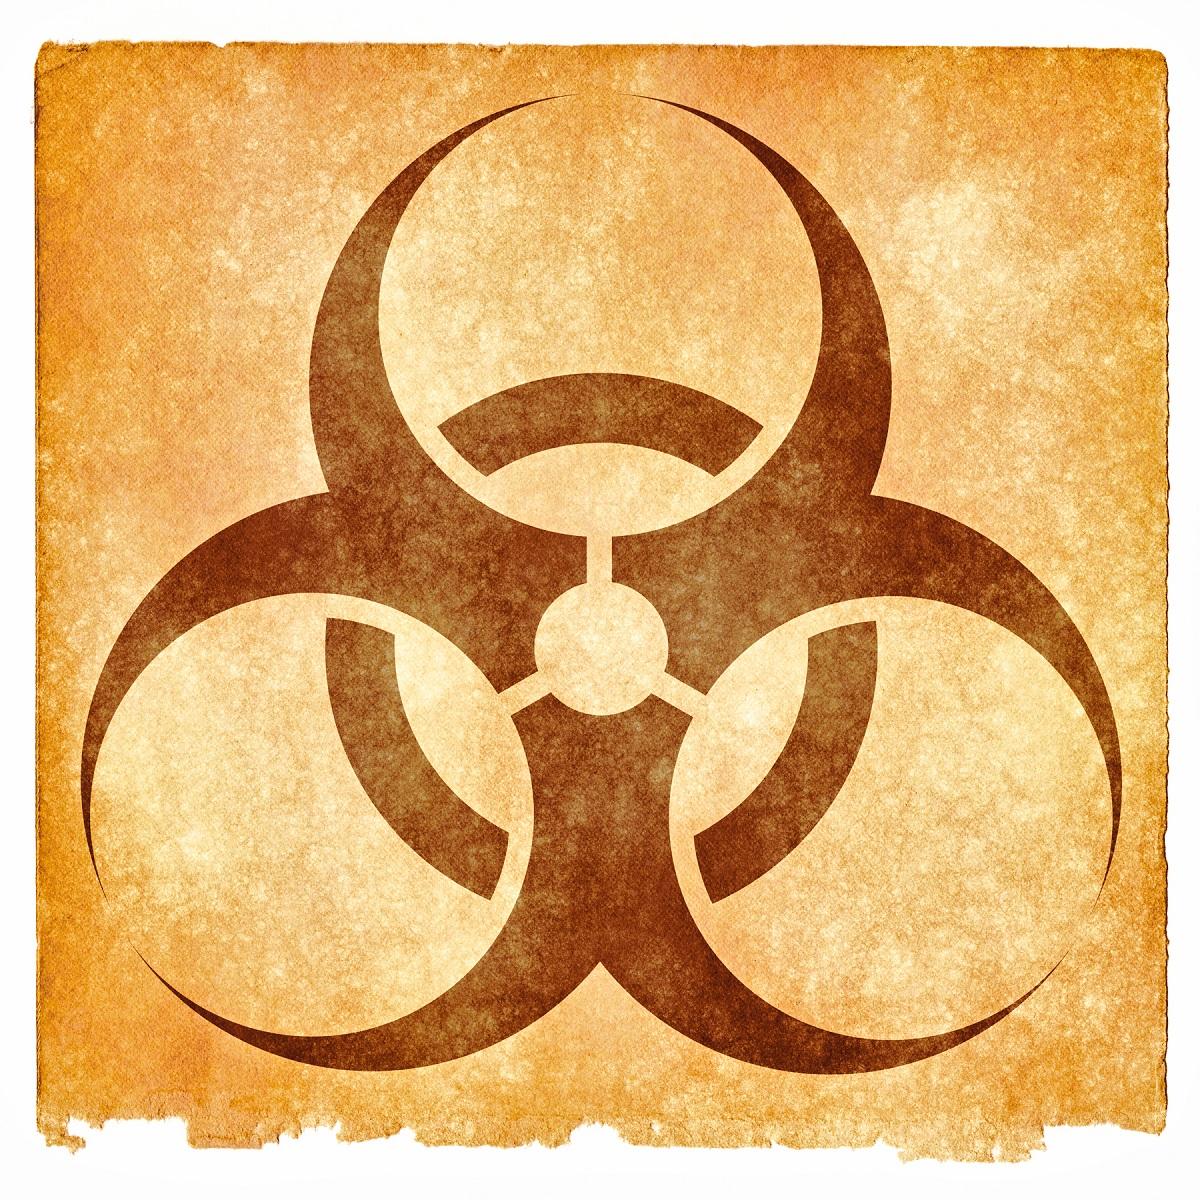 1582792875_stockvault-biohazard-grunge-sign134000.jpg